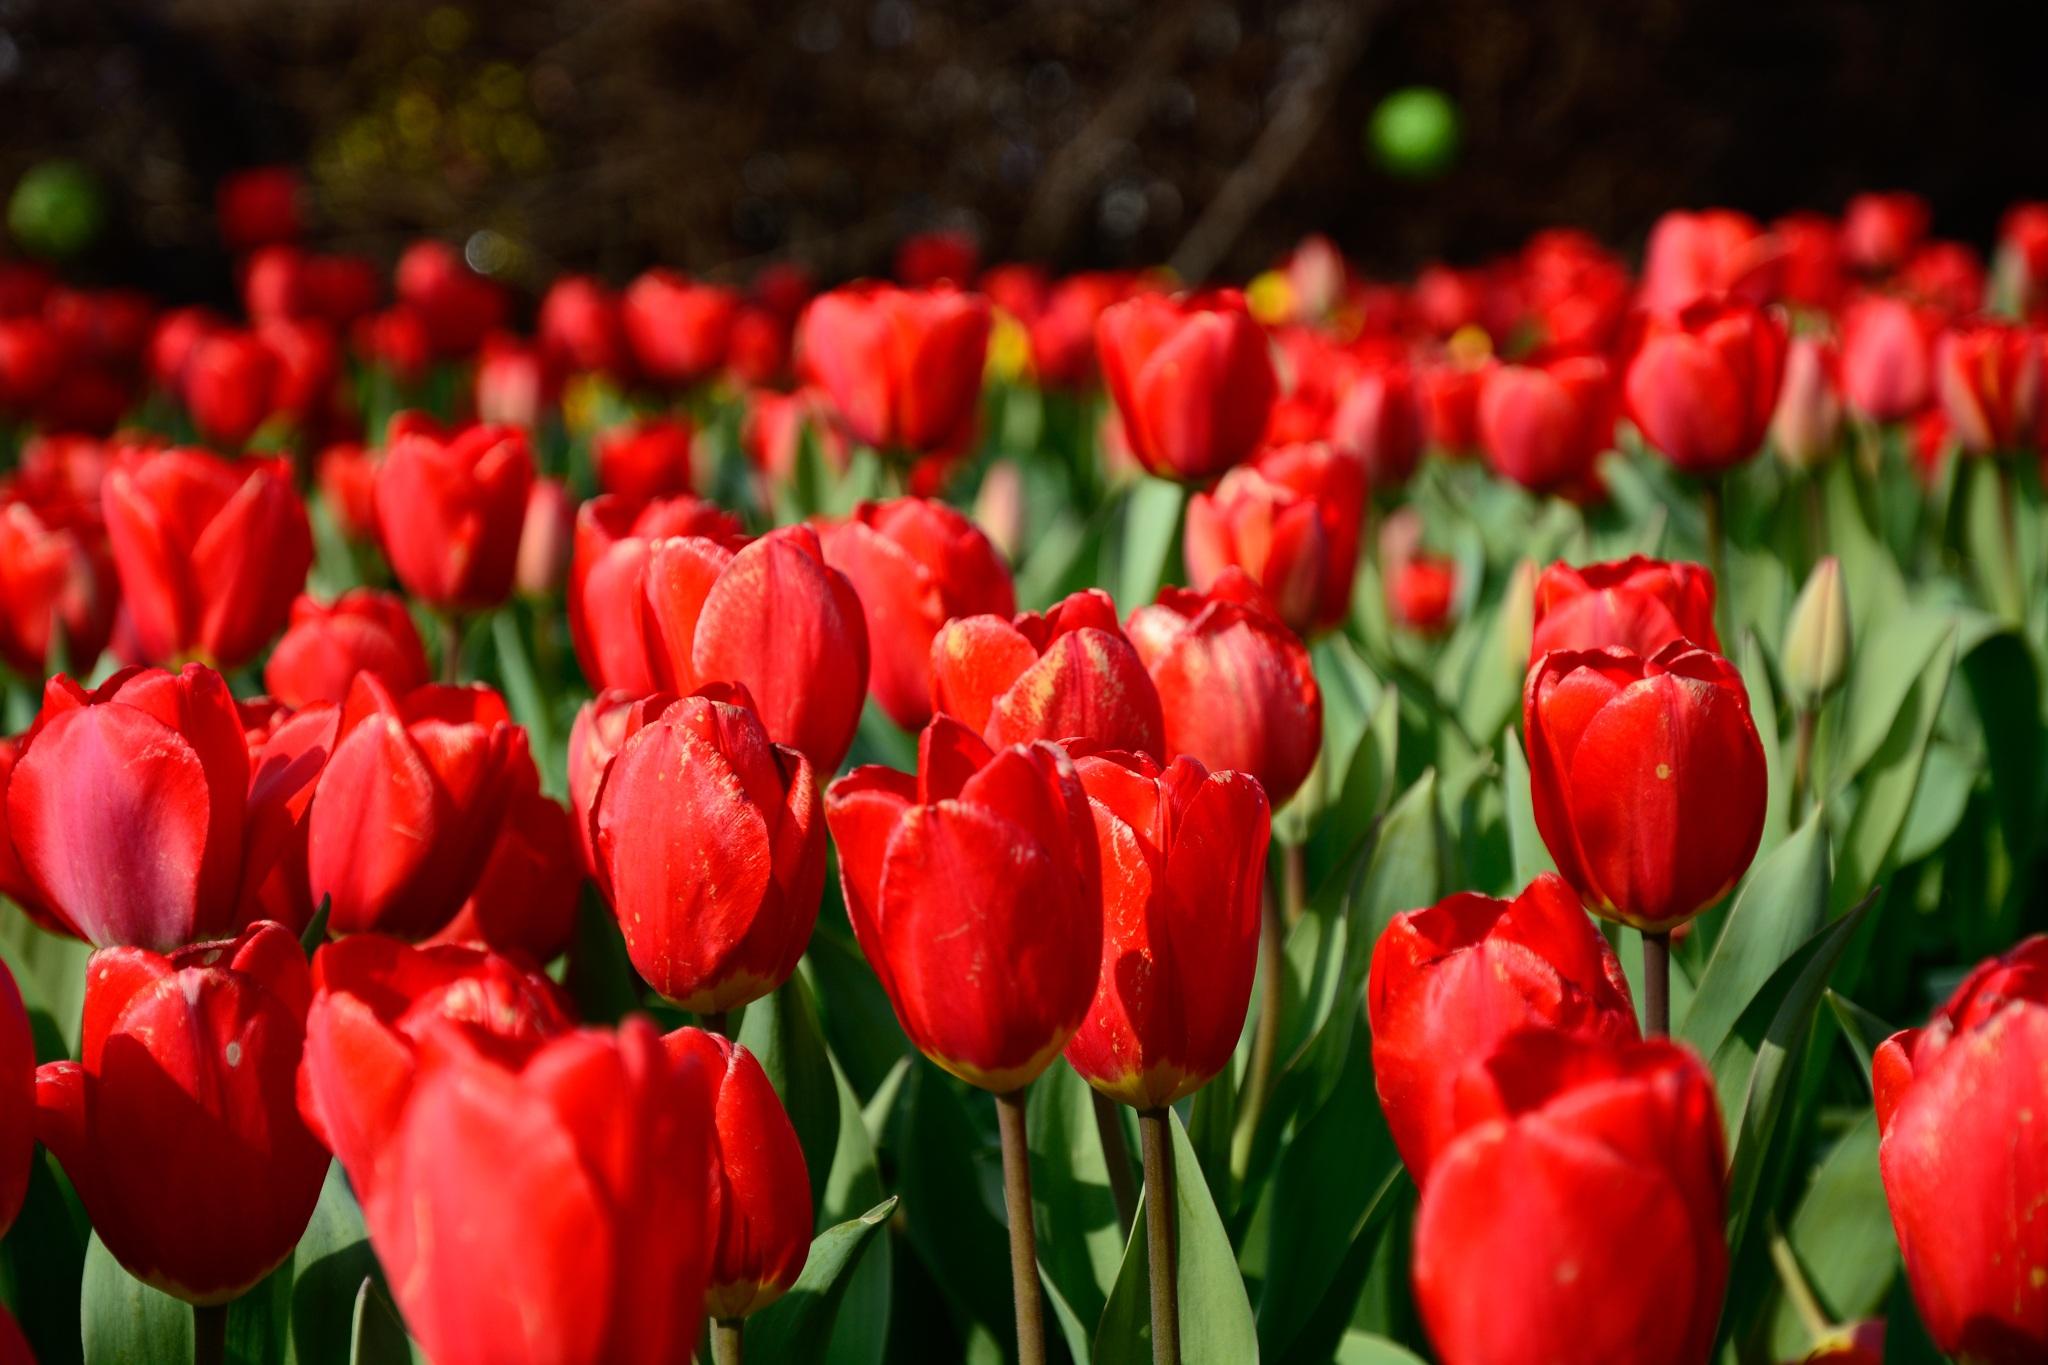 шарики желаемого картинки с красными тюльпанами самом